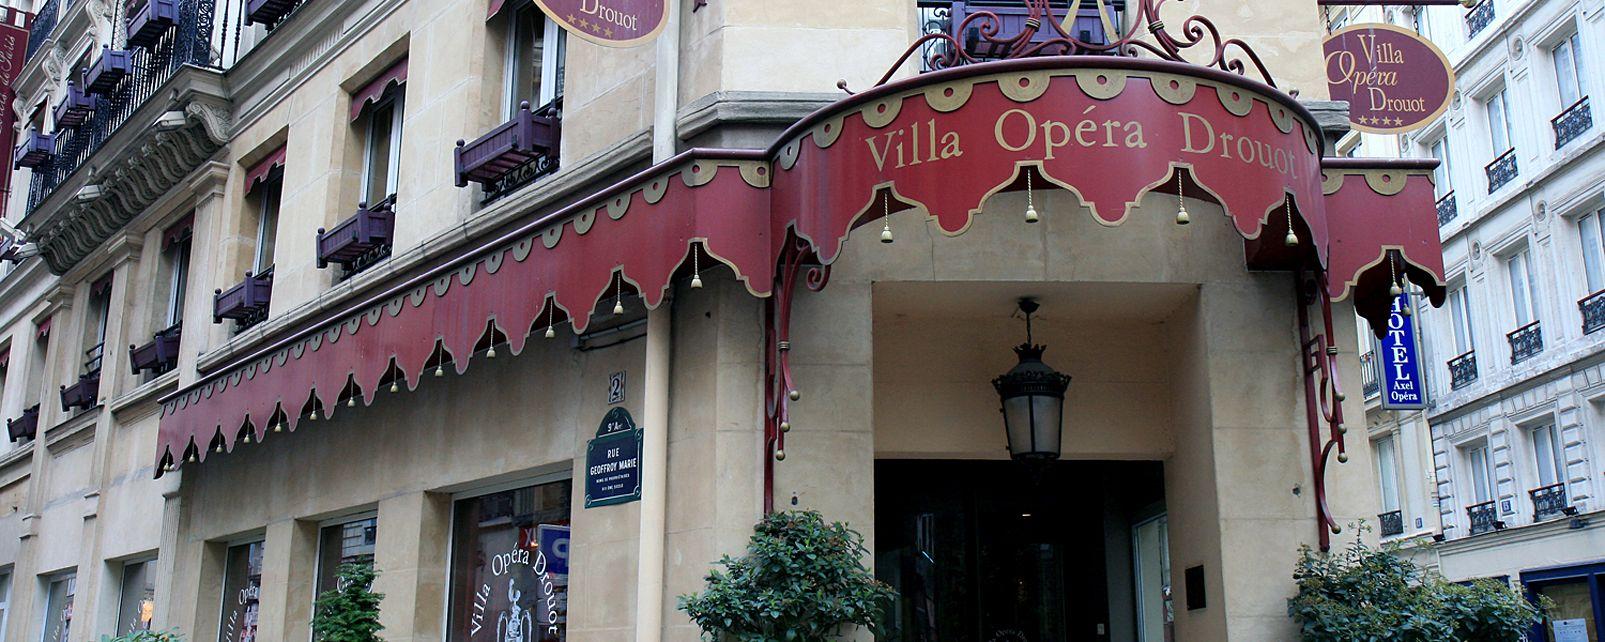 Hotel Villa Opera Drouot Paris